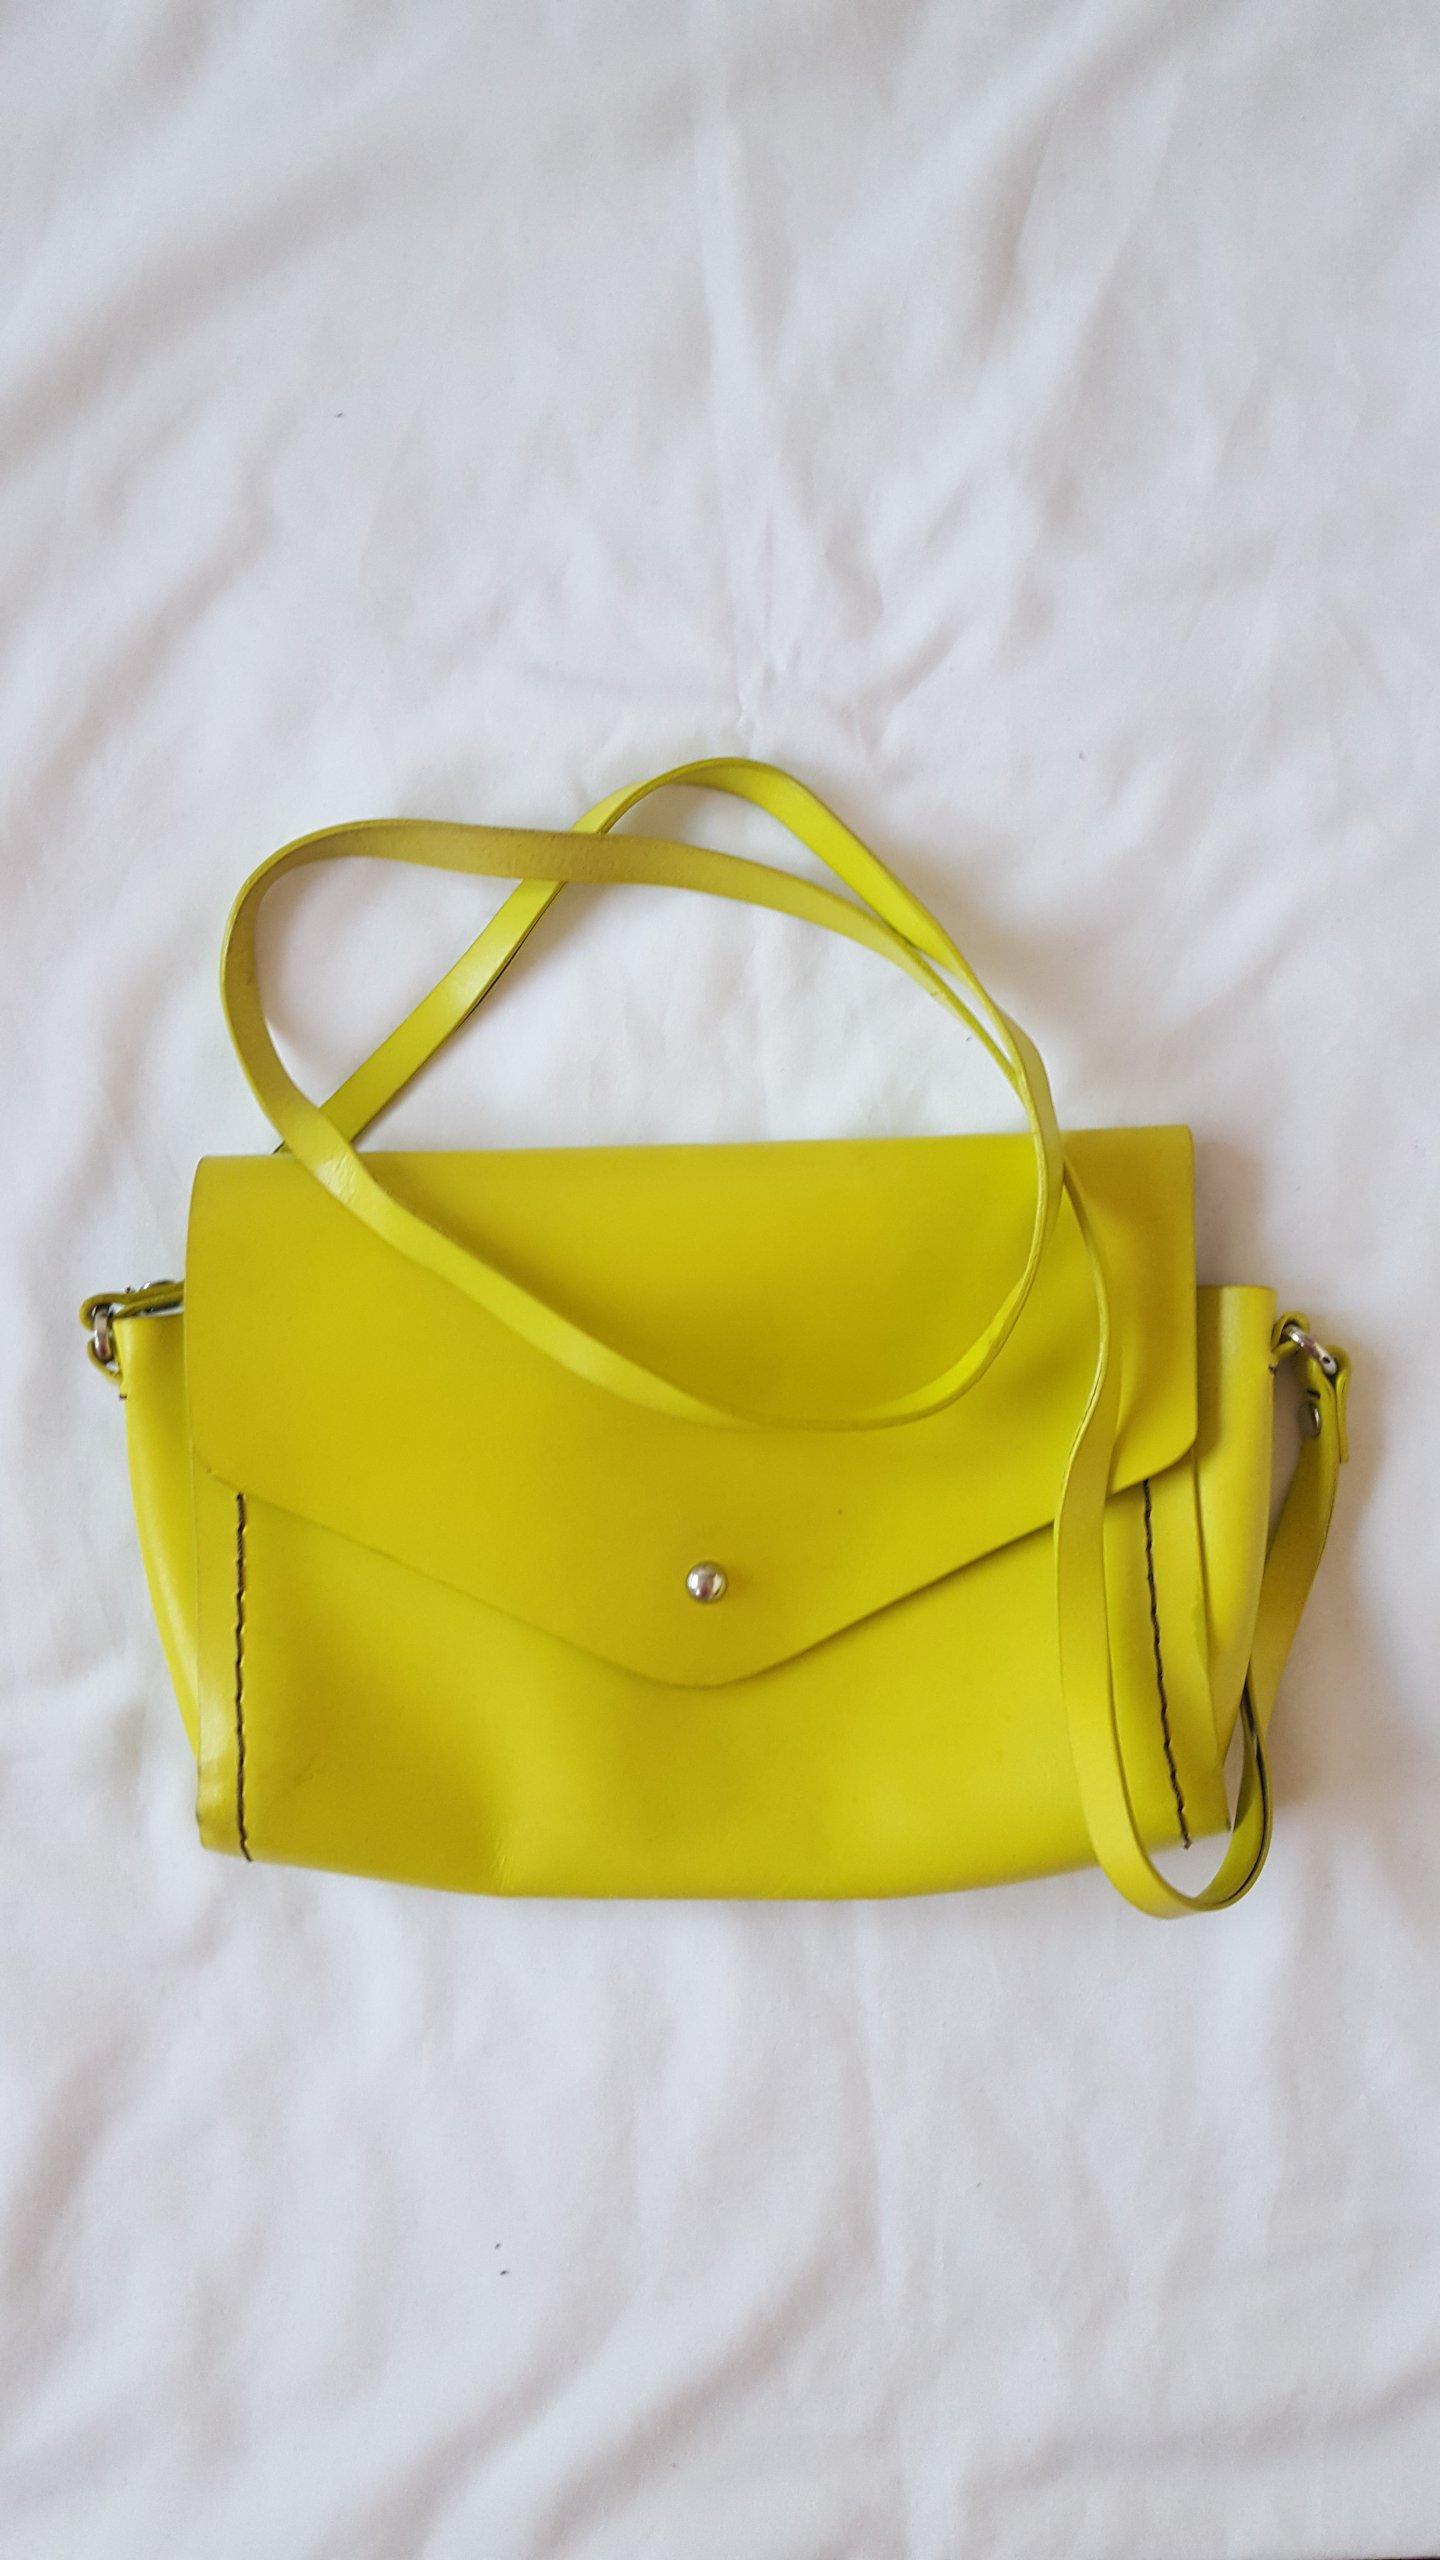 7d130b1c66450 torebka mała na ramię ZARA neonowa żółta - 7171739479 - oficjalne ...